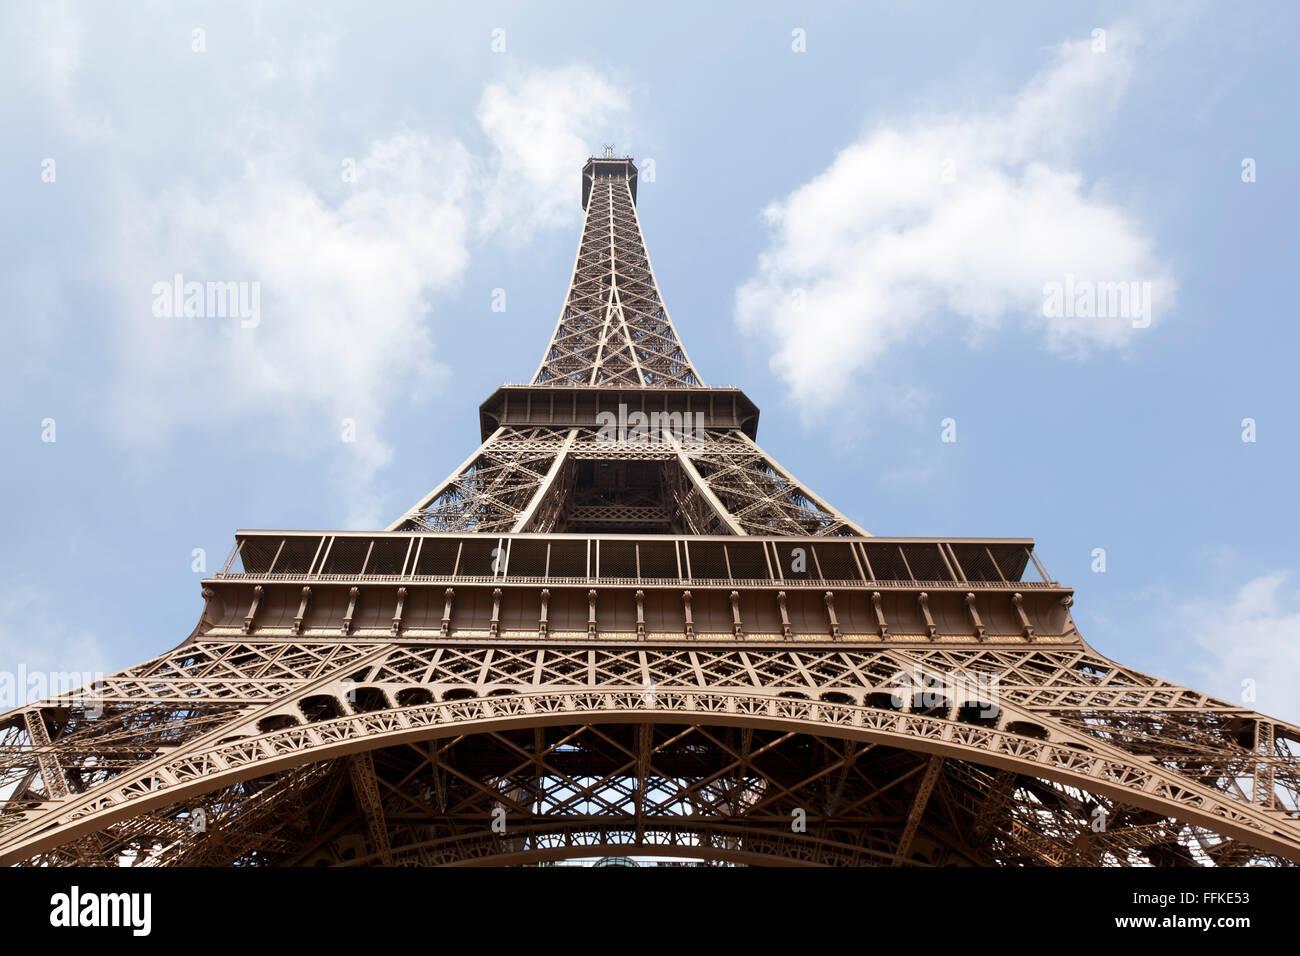 La tour Eiffel Vue de dessous Paris France Photo Stock